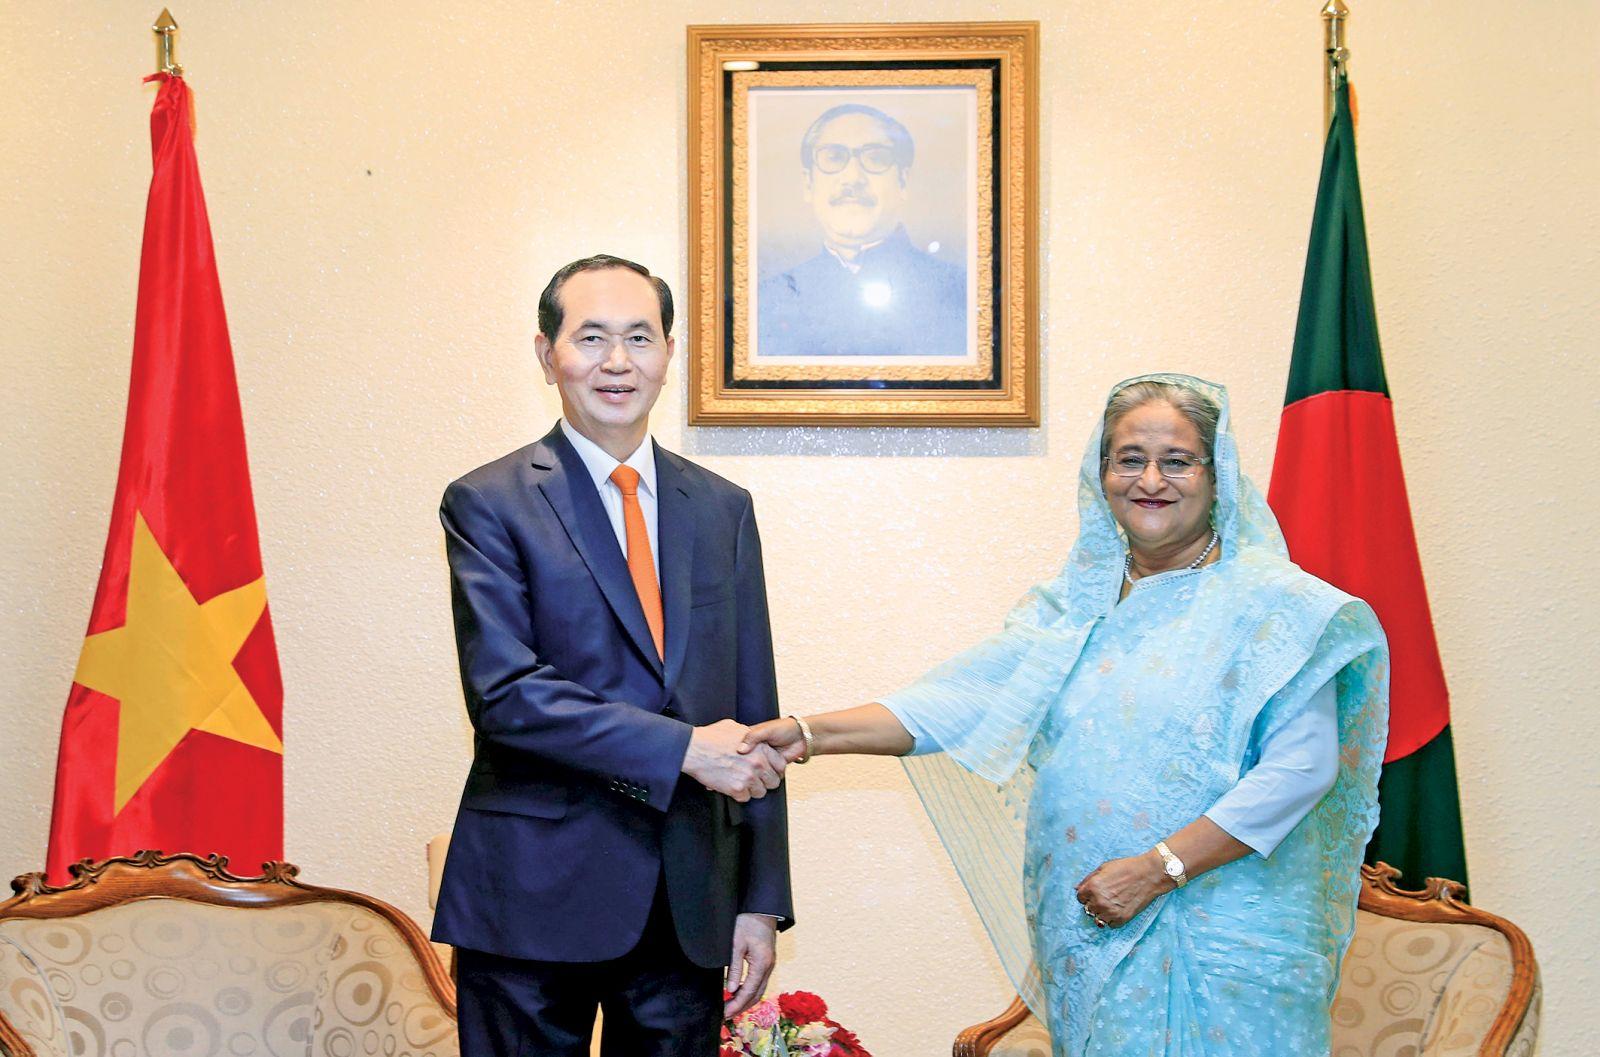 Chủ tịch nước Trần Đại Quang gặp và hội đàm với Thủ tướng Bangladesh. Ảnh: TTXVN